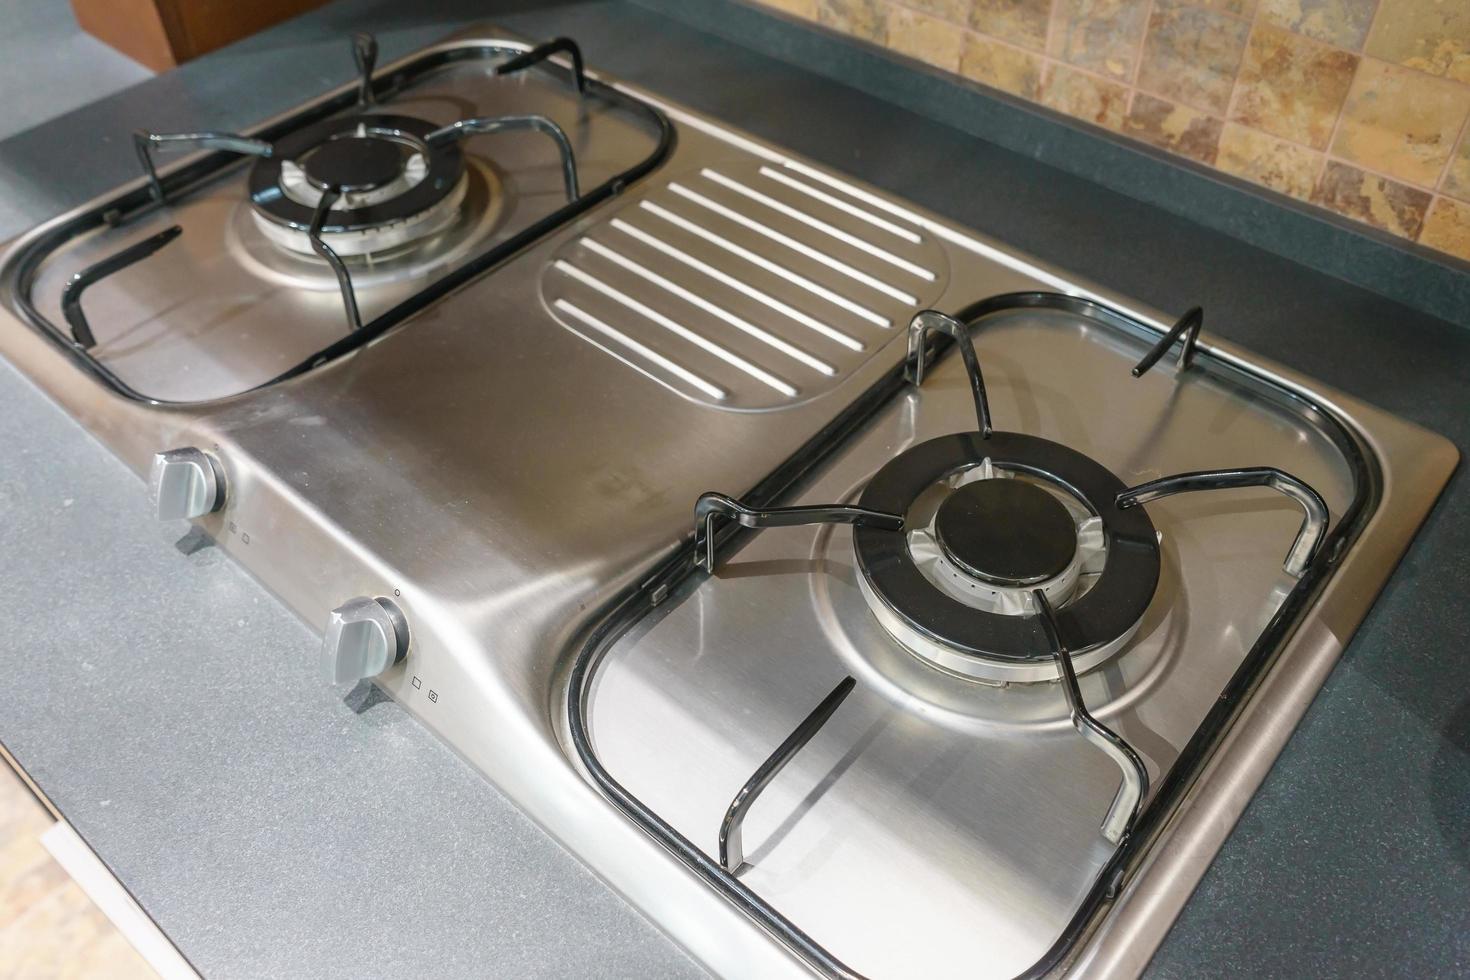 Nahaufnahme des Gasherds in der Küche foto